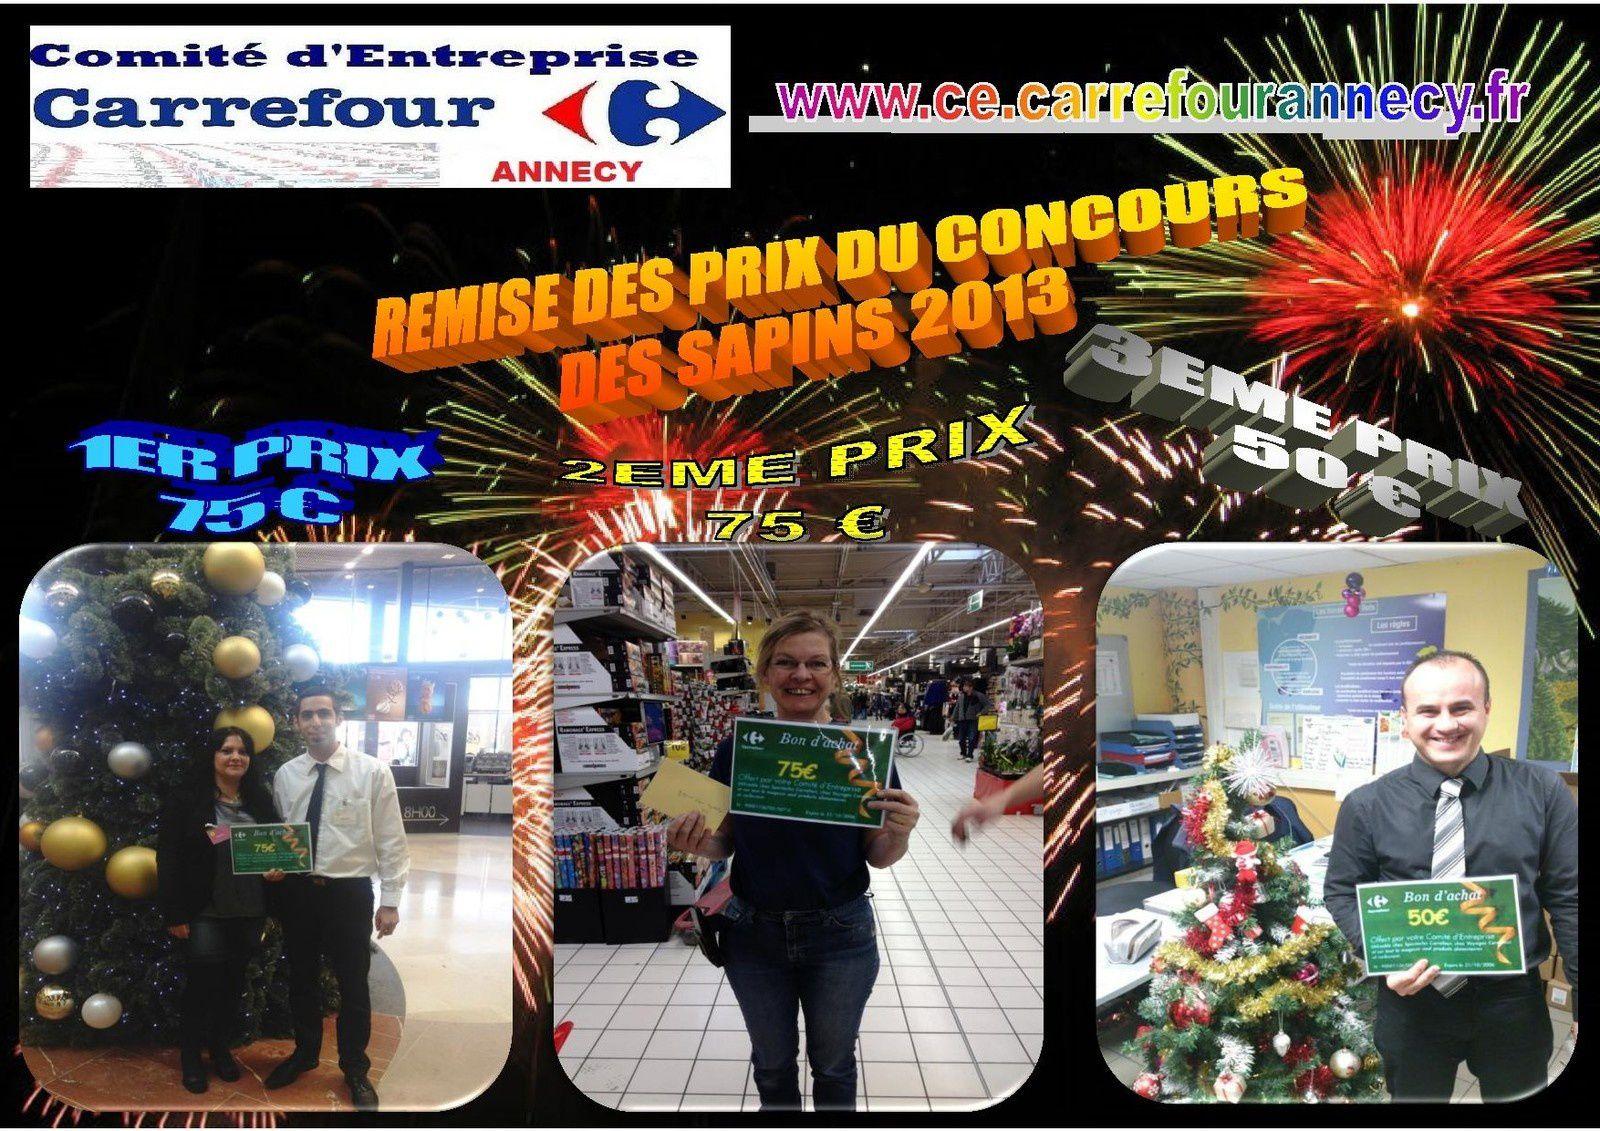 REMISE DES PRIX DU CONCOURS DES SAPINS DE NOEL 2013